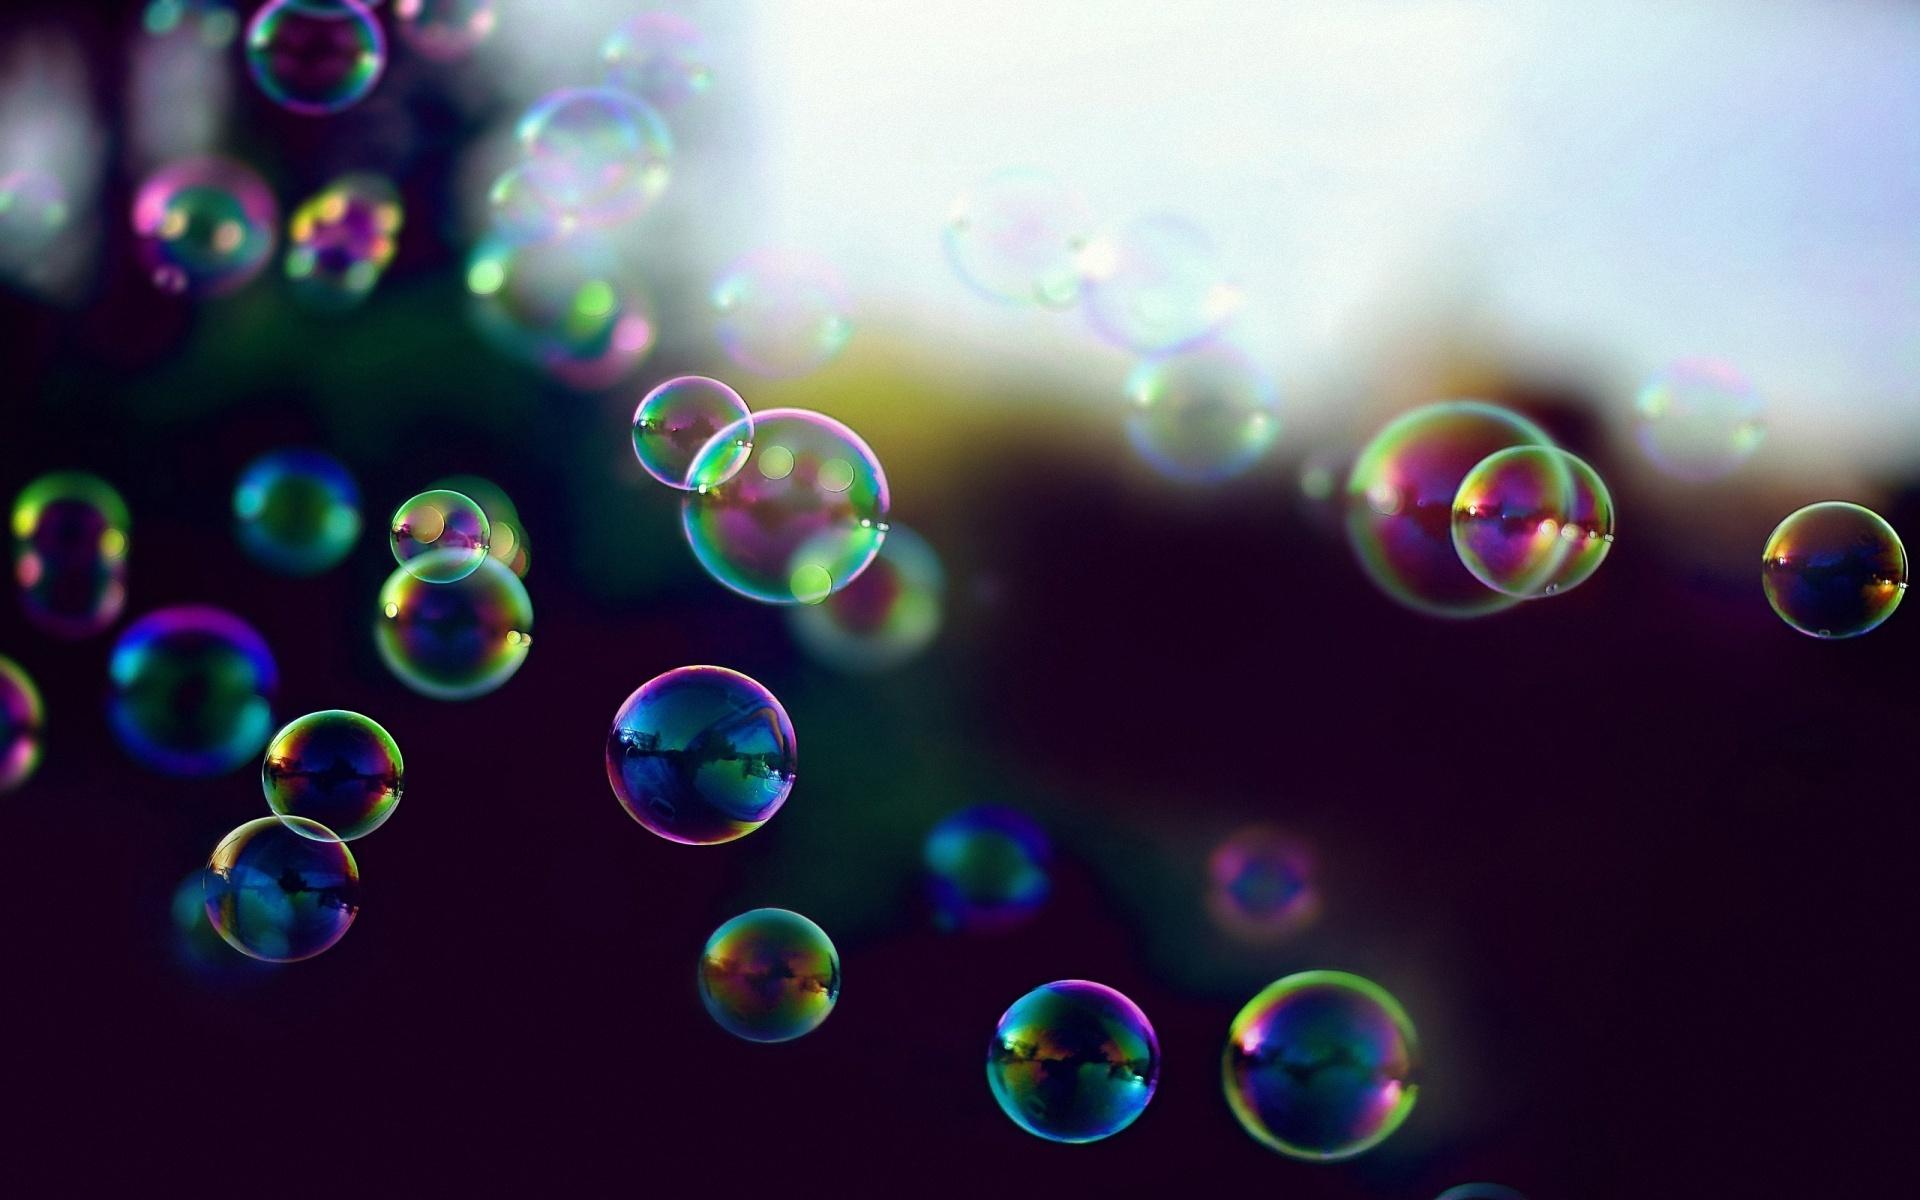 ئەلگۆریثمی ریزکردن Bubble sort